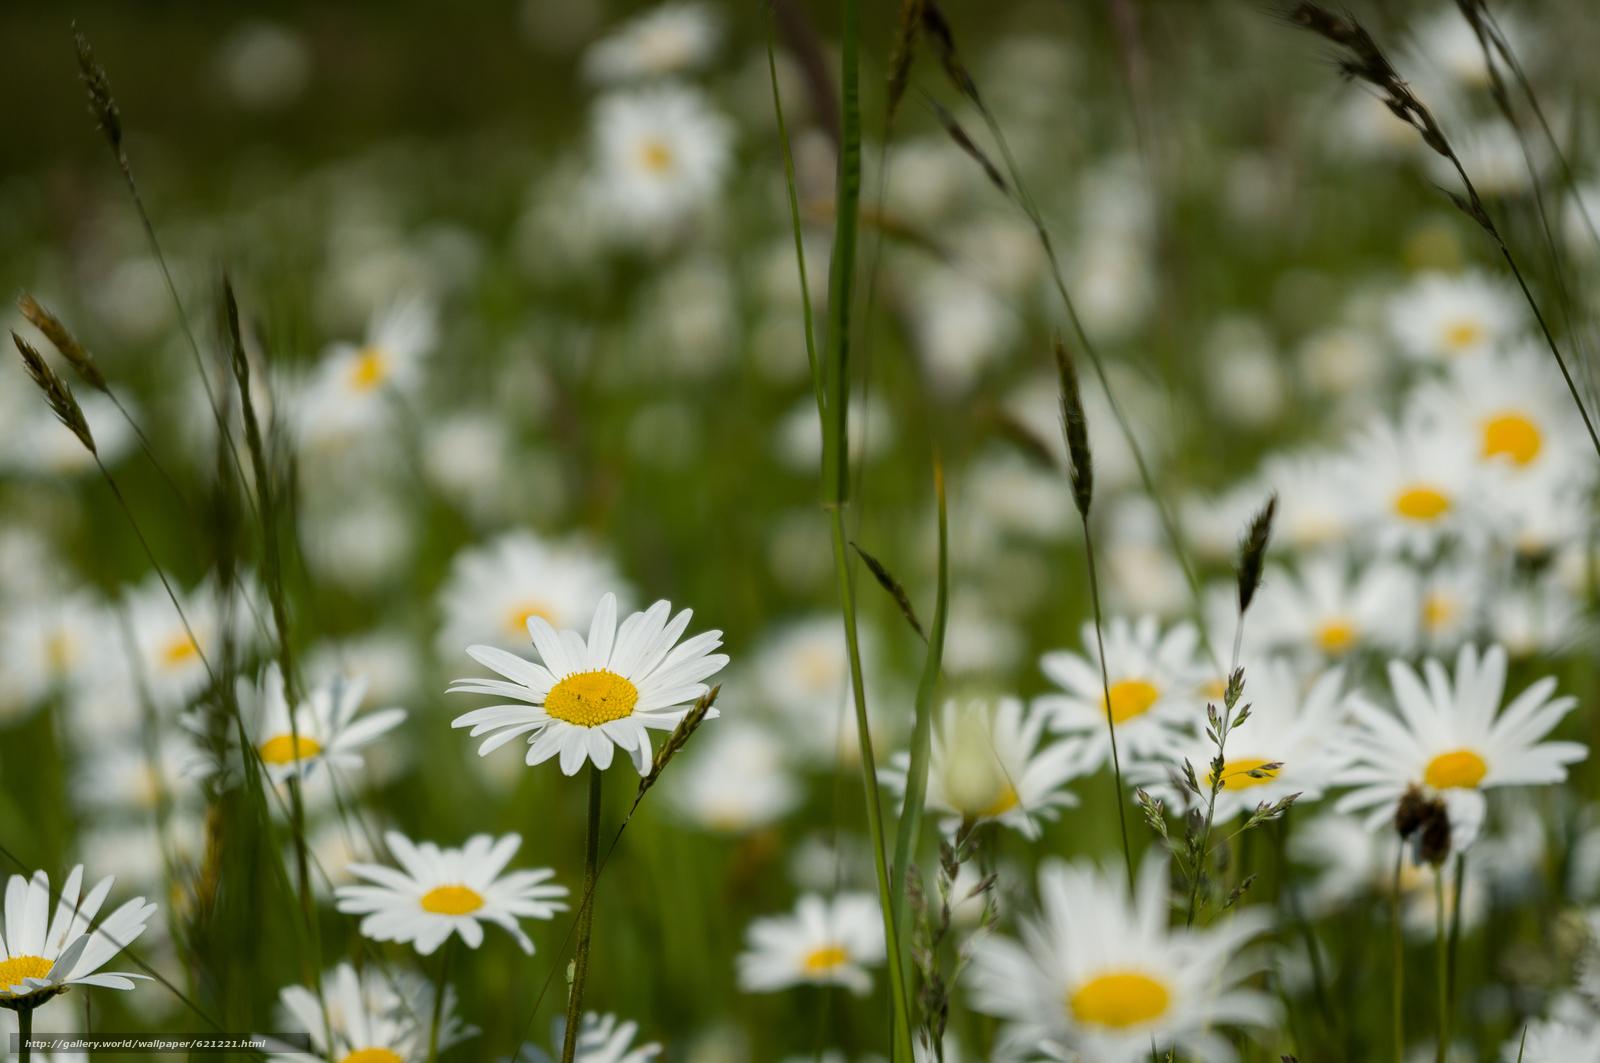 Скачать обои поле,  трава,  ромашки,  цветы бесплатно для рабочего стола в разрешении 2438x1620 — картинка №621221